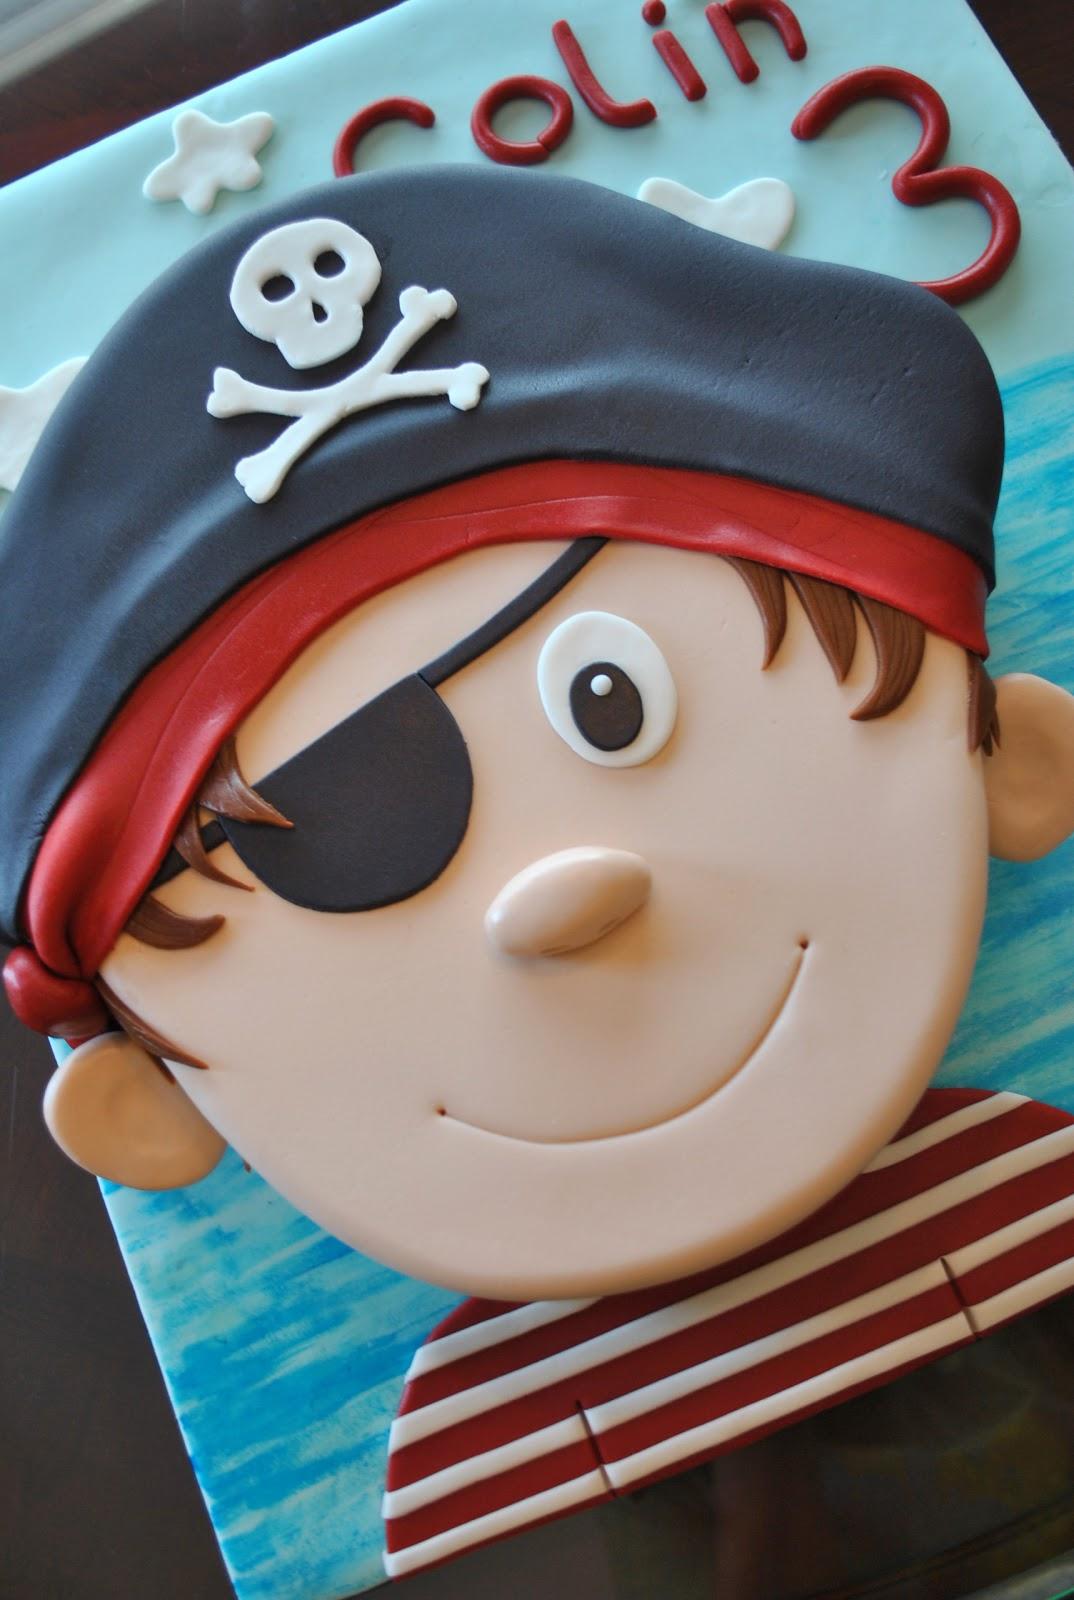 Princess And Pirate Cake Ideas